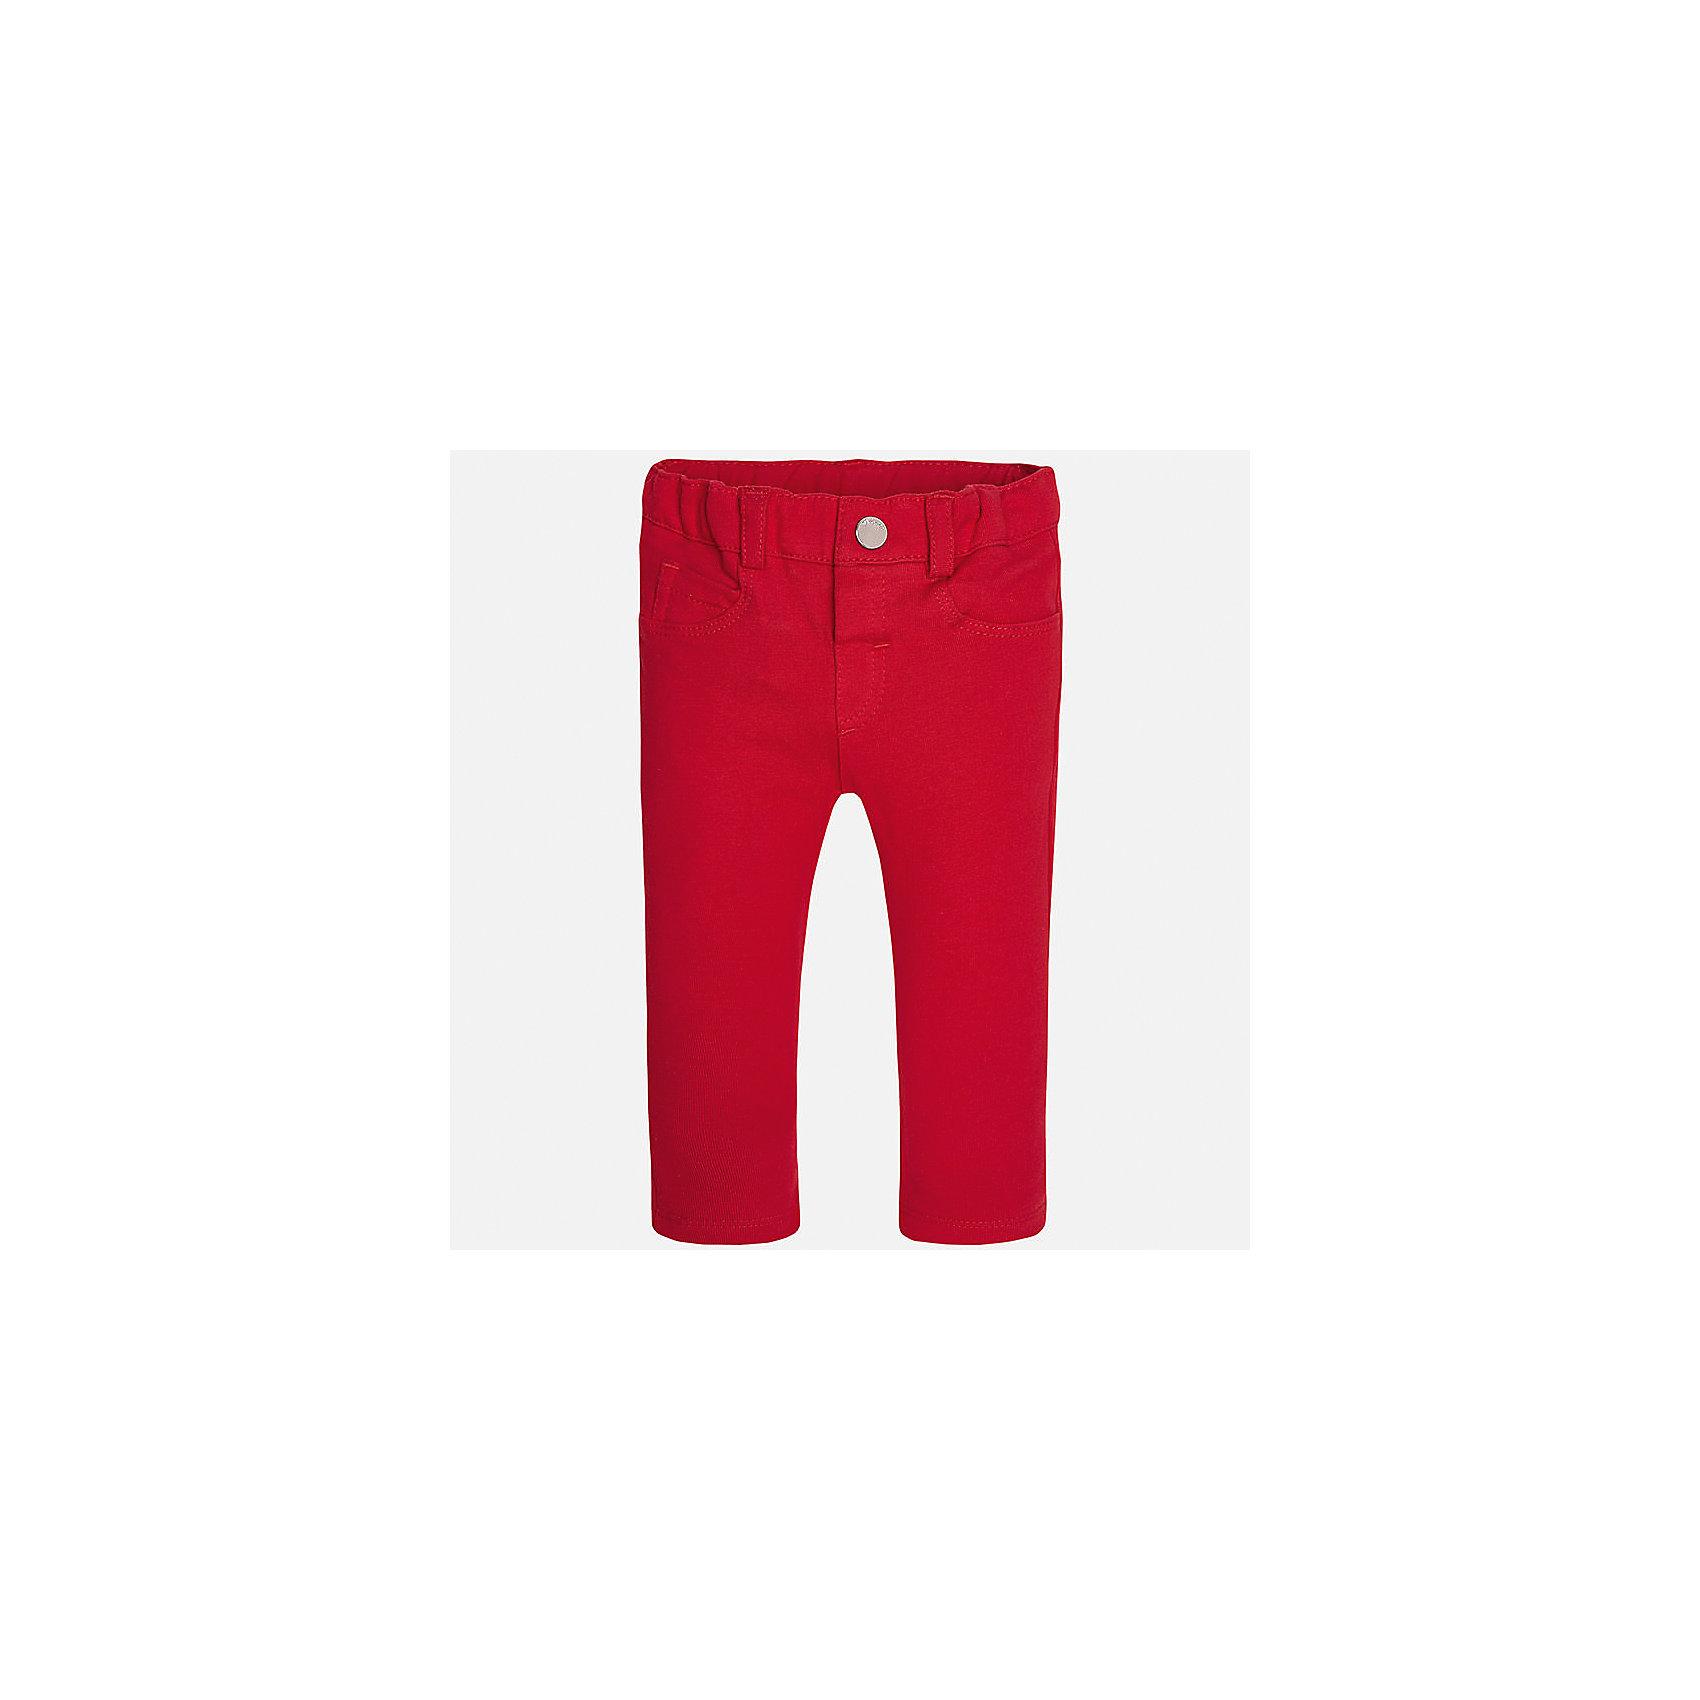 Леггинсы для девочки MayoralБрюки<br>Характеристики товара:<br><br>• цвет: красный<br>• состав: 95% хлопок, 5% эластан<br>• шлевки<br>• эластичный материал<br>• классический силуэт<br>• декоративная отделка карманов<br>• страна бренда: Испания<br><br>Модные леггинсы для девочки смогут разнообразить гардероб ребенка и украсить наряд. Они отлично сочетаются с майками, футболками, блузками. Красивый оттенок позволяет подобрать к вещи верх разных расцветок. В составе материала - натуральный хлопок, гипоаллергенный, приятный на ощупь, дышащий. Леггинсы отлично сидят и не стесняют движения.<br><br>Одежда, обувь и аксессуары от испанского бренда Mayoral полюбились детям и взрослым по всему миру. Модели этой марки - стильные и удобные. Для их производства используются только безопасные, качественные материалы и фурнитура. Порадуйте ребенка модными и красивыми вещами от Mayoral! <br><br>Леггинсы для девочки от испанского бренда Mayoral (Майорал) можно купить в нашем интернет-магазине.<br><br>Ширина мм: 123<br>Глубина мм: 10<br>Высота мм: 149<br>Вес г: 209<br>Цвет: красный<br>Возраст от месяцев: 12<br>Возраст до месяцев: 15<br>Пол: Женский<br>Возраст: Детский<br>Размер: 80,86,92,74<br>SKU: 5300025